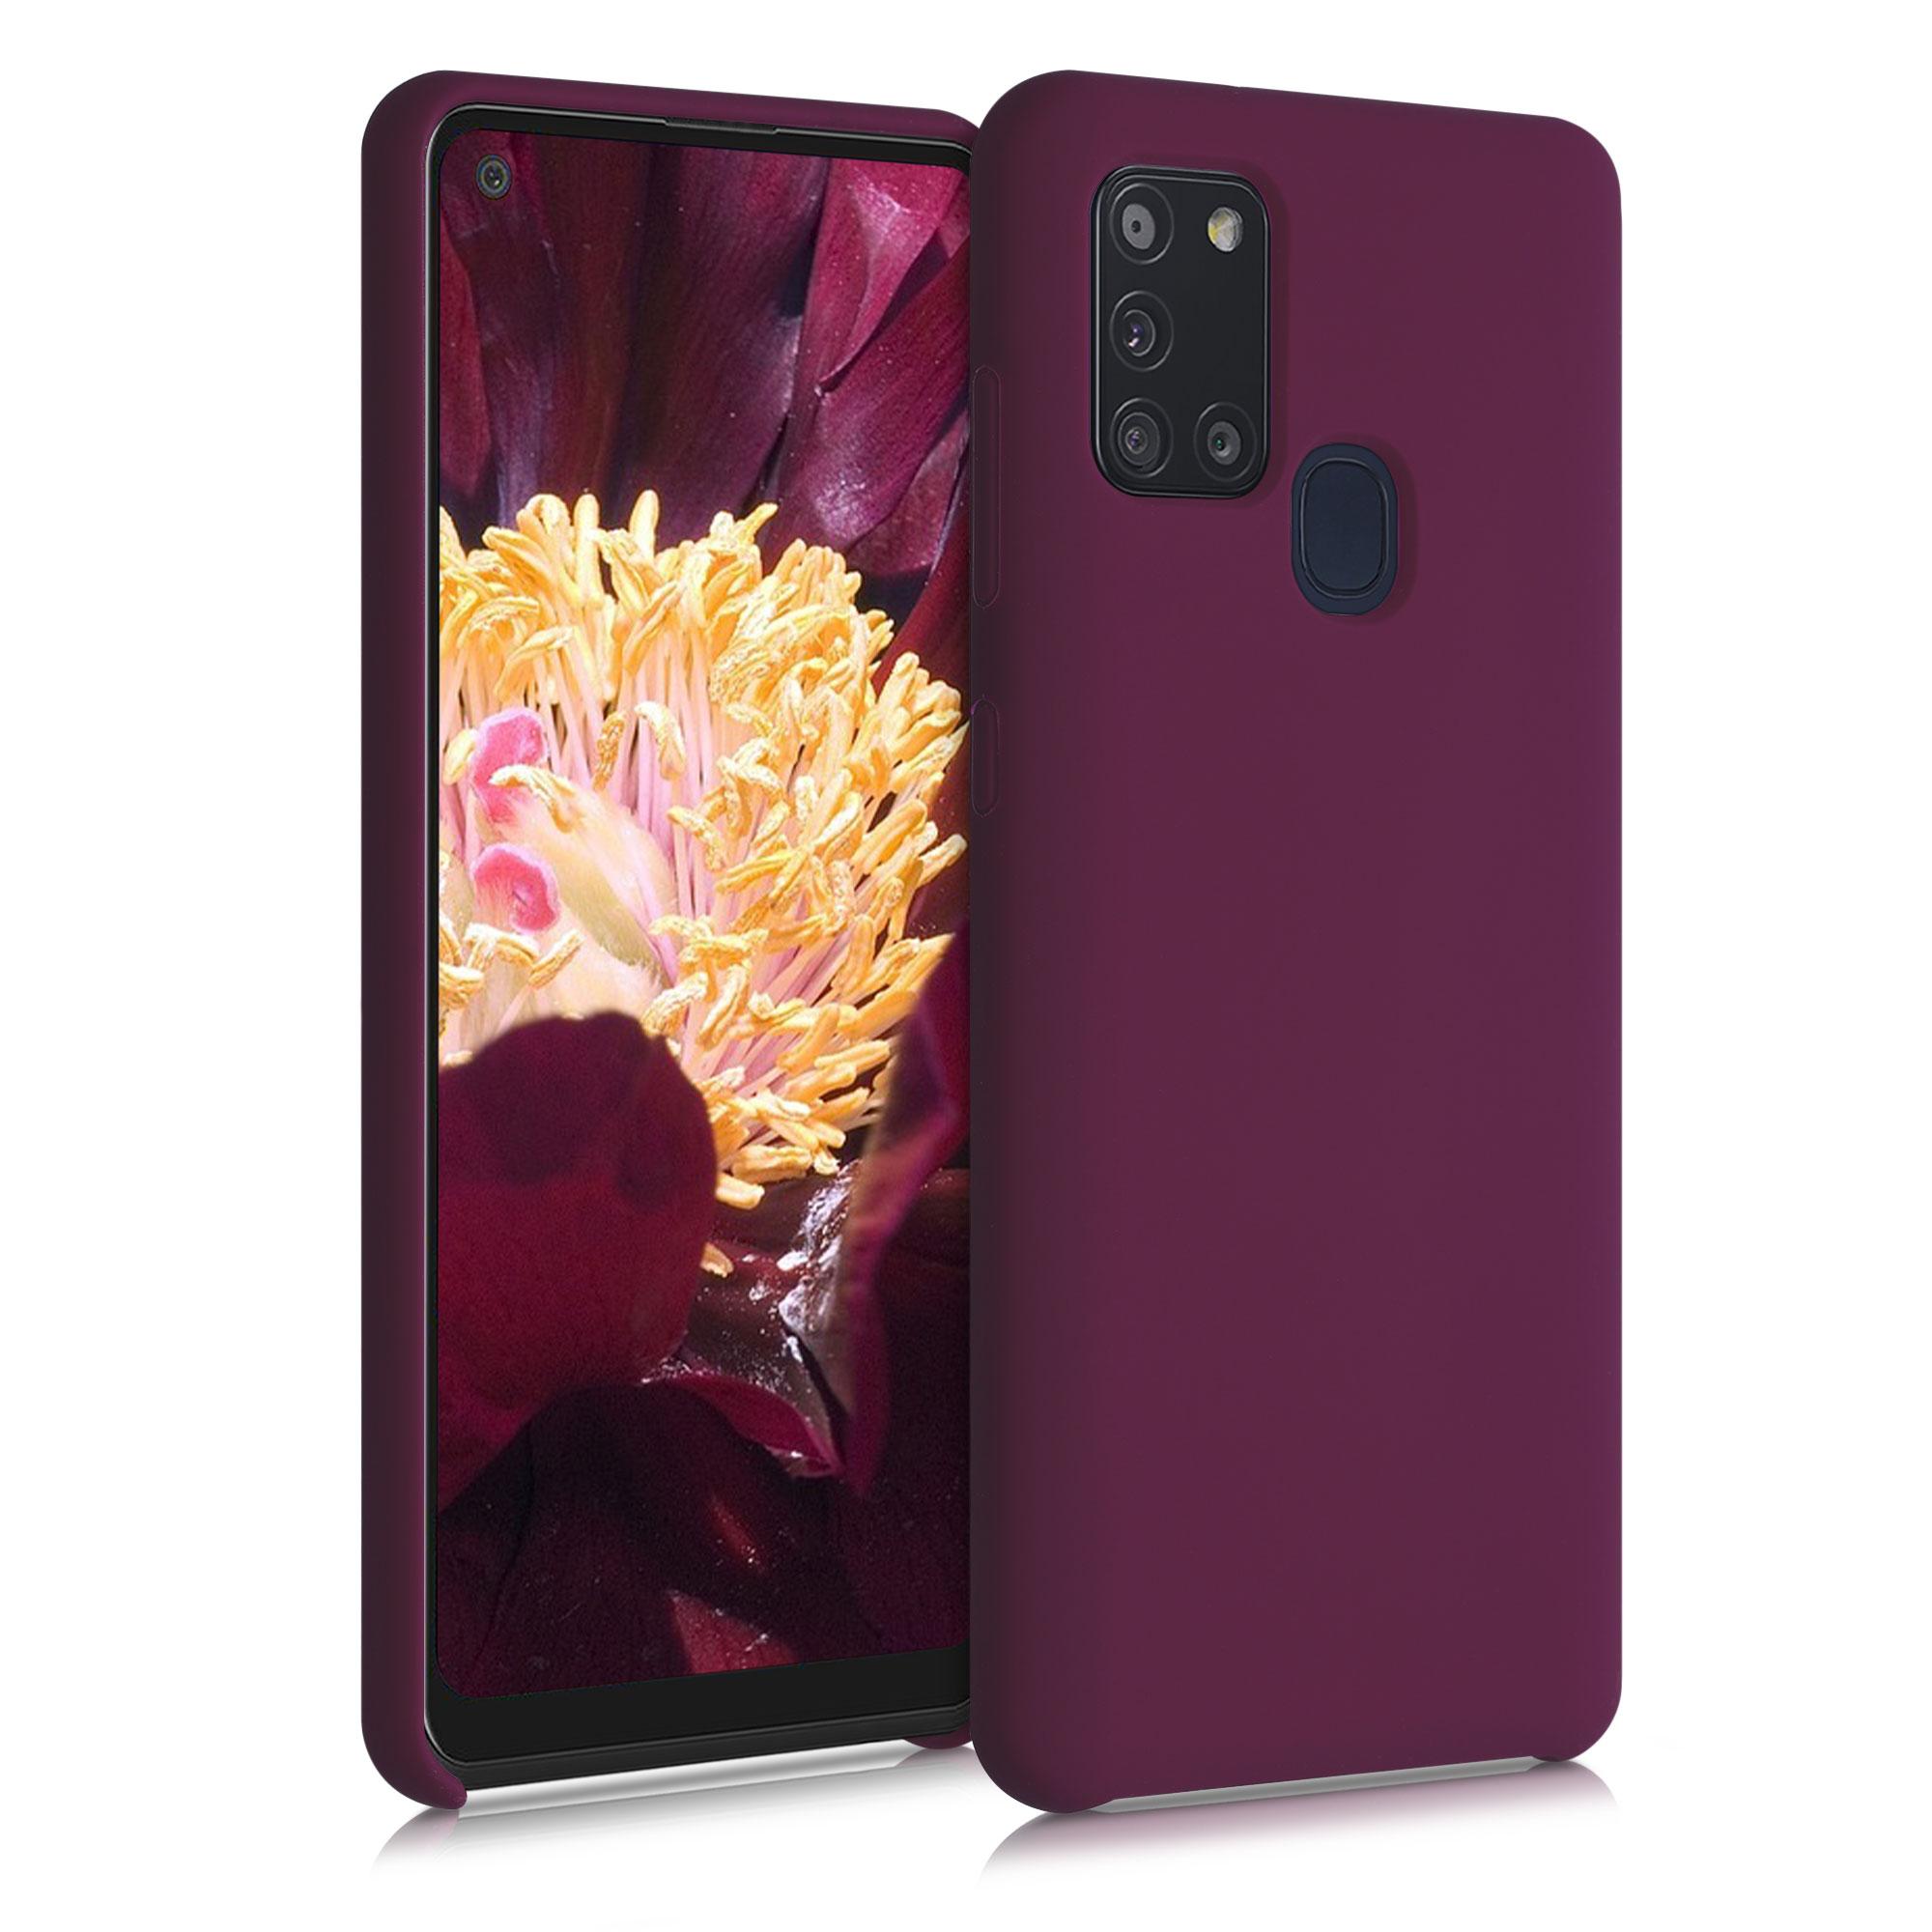 Kvalitní silikonové TPU pouzdro pro Samsung A21s - Bordeaux Violet